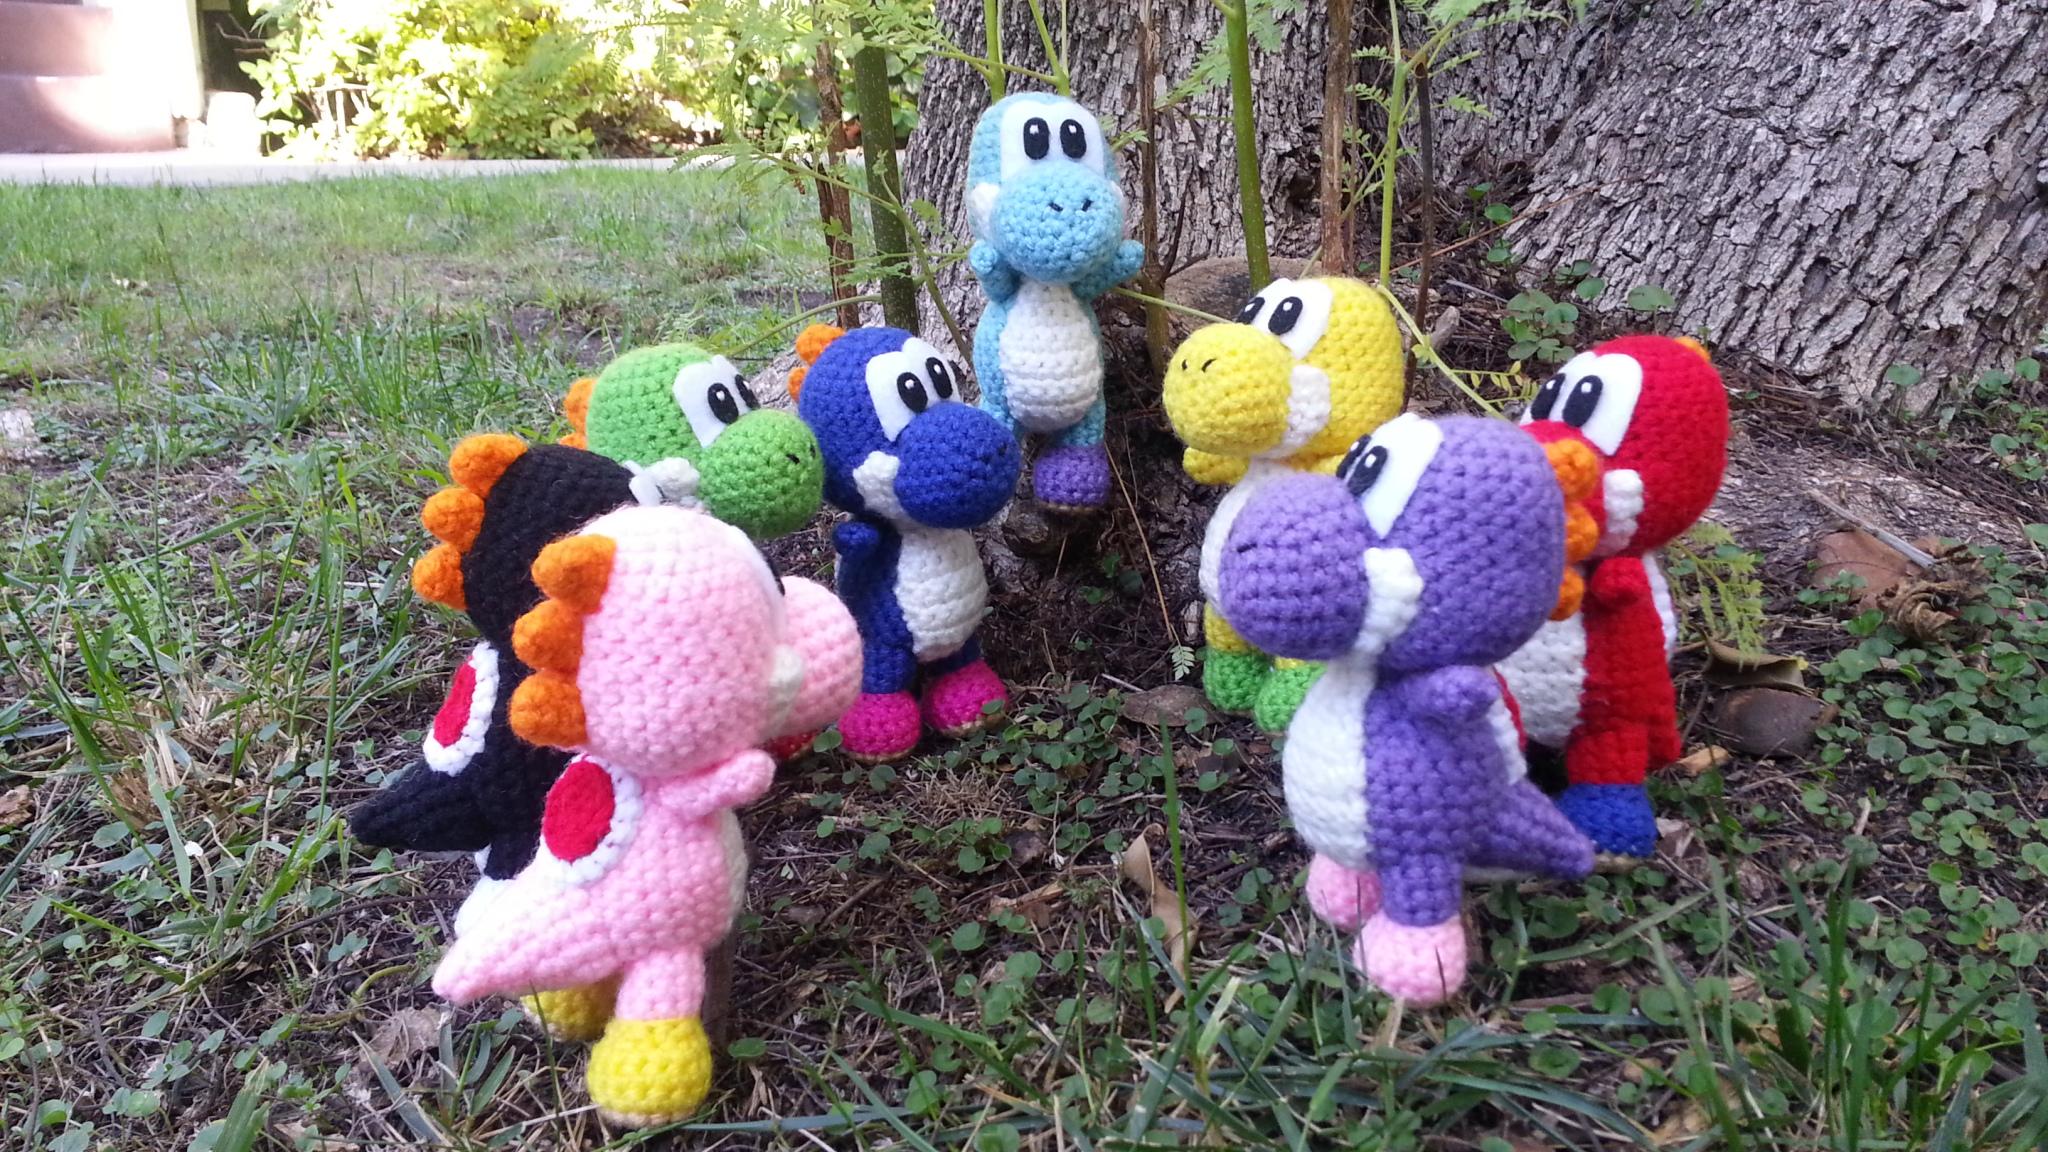 Crochet Patterns Yoshi : Yoshi amigurumi